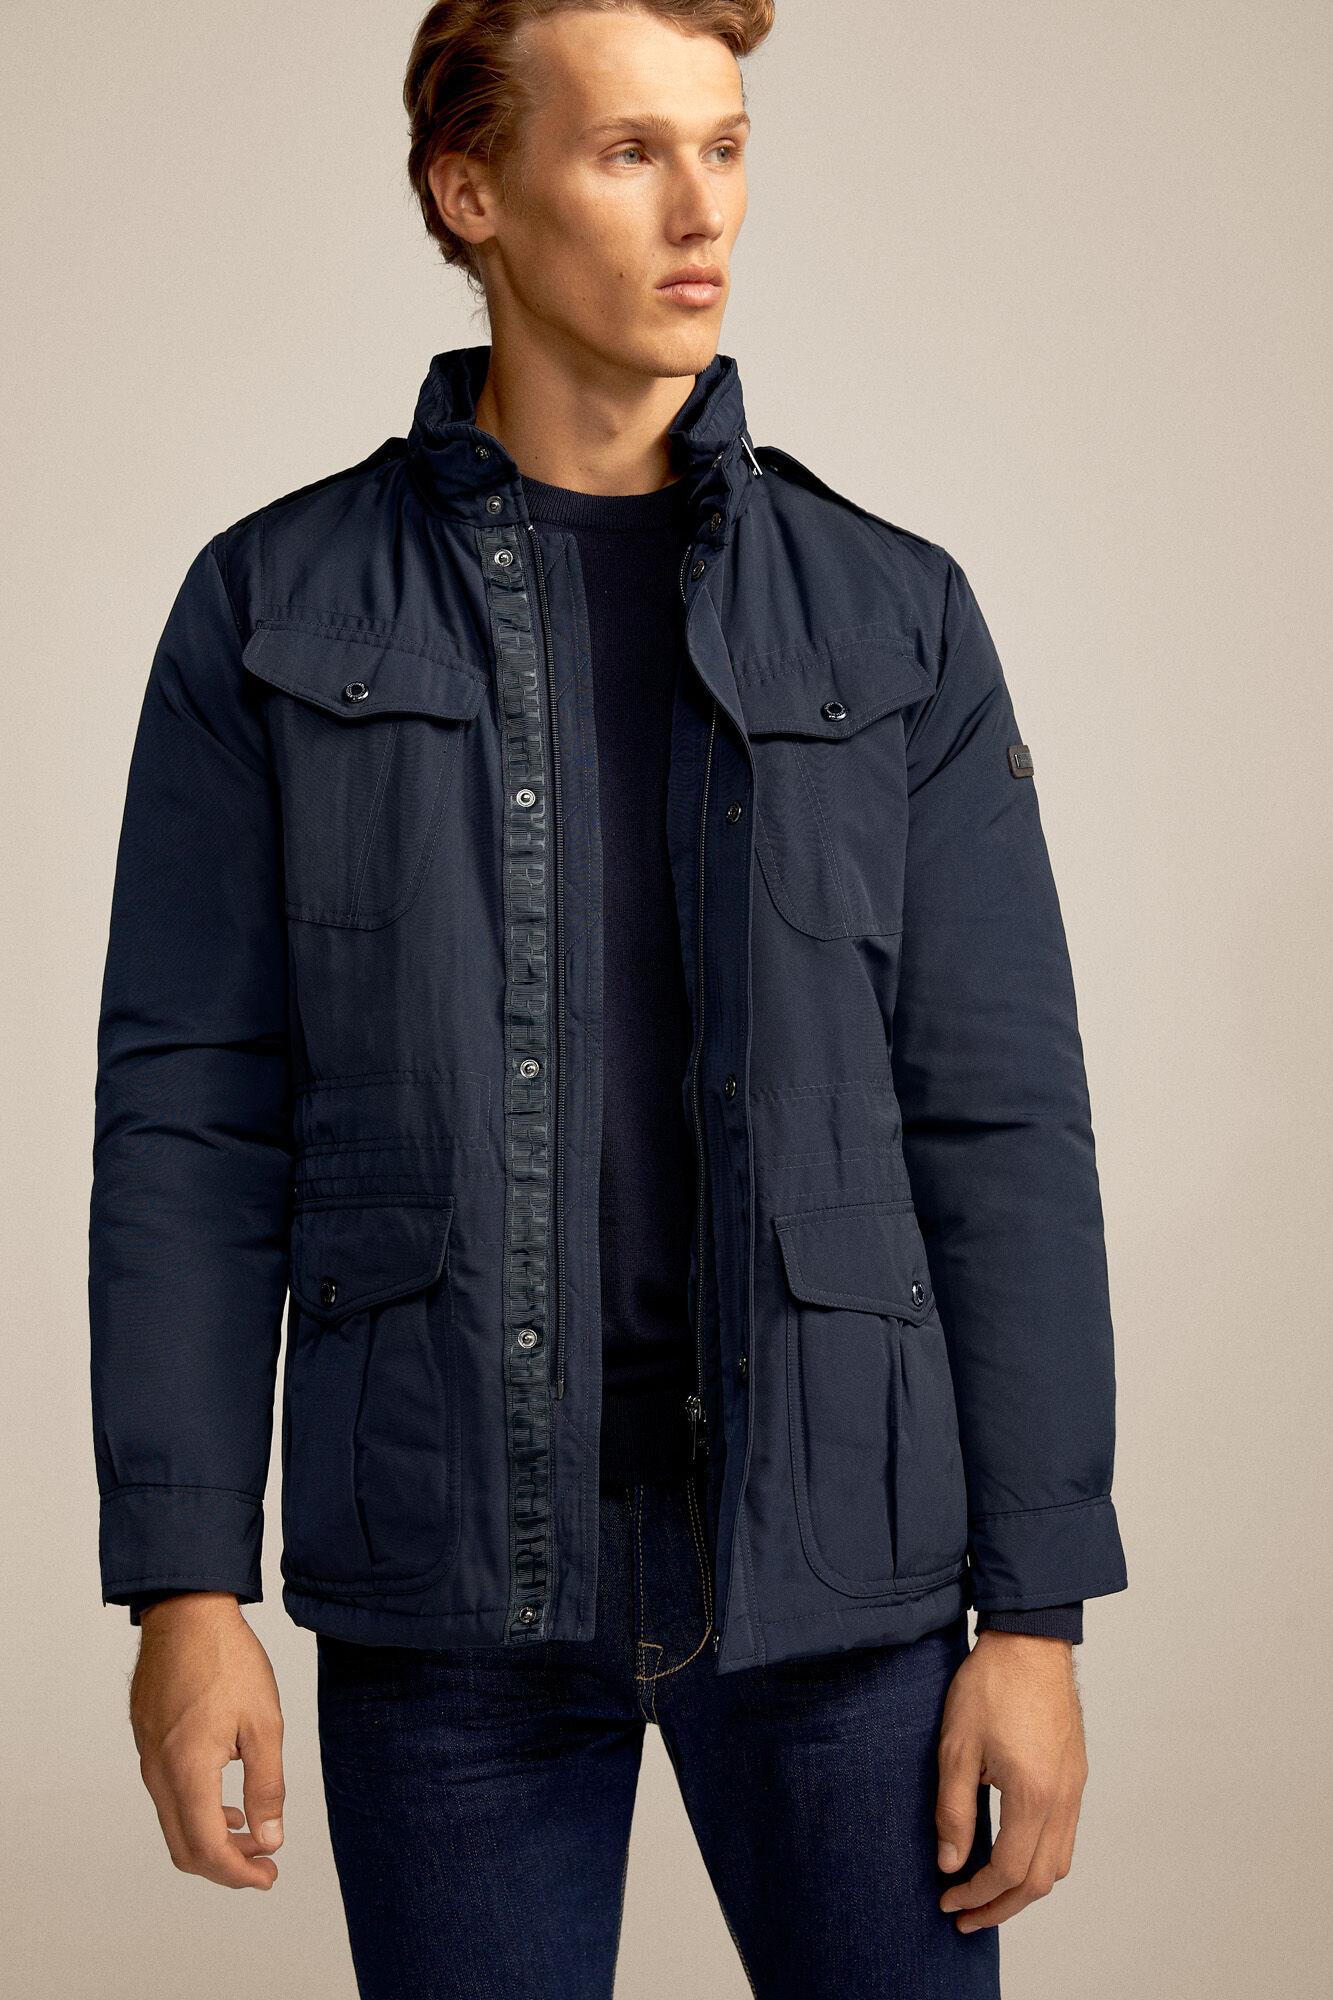 ver chaquetas de caballeros en color azul marino americano